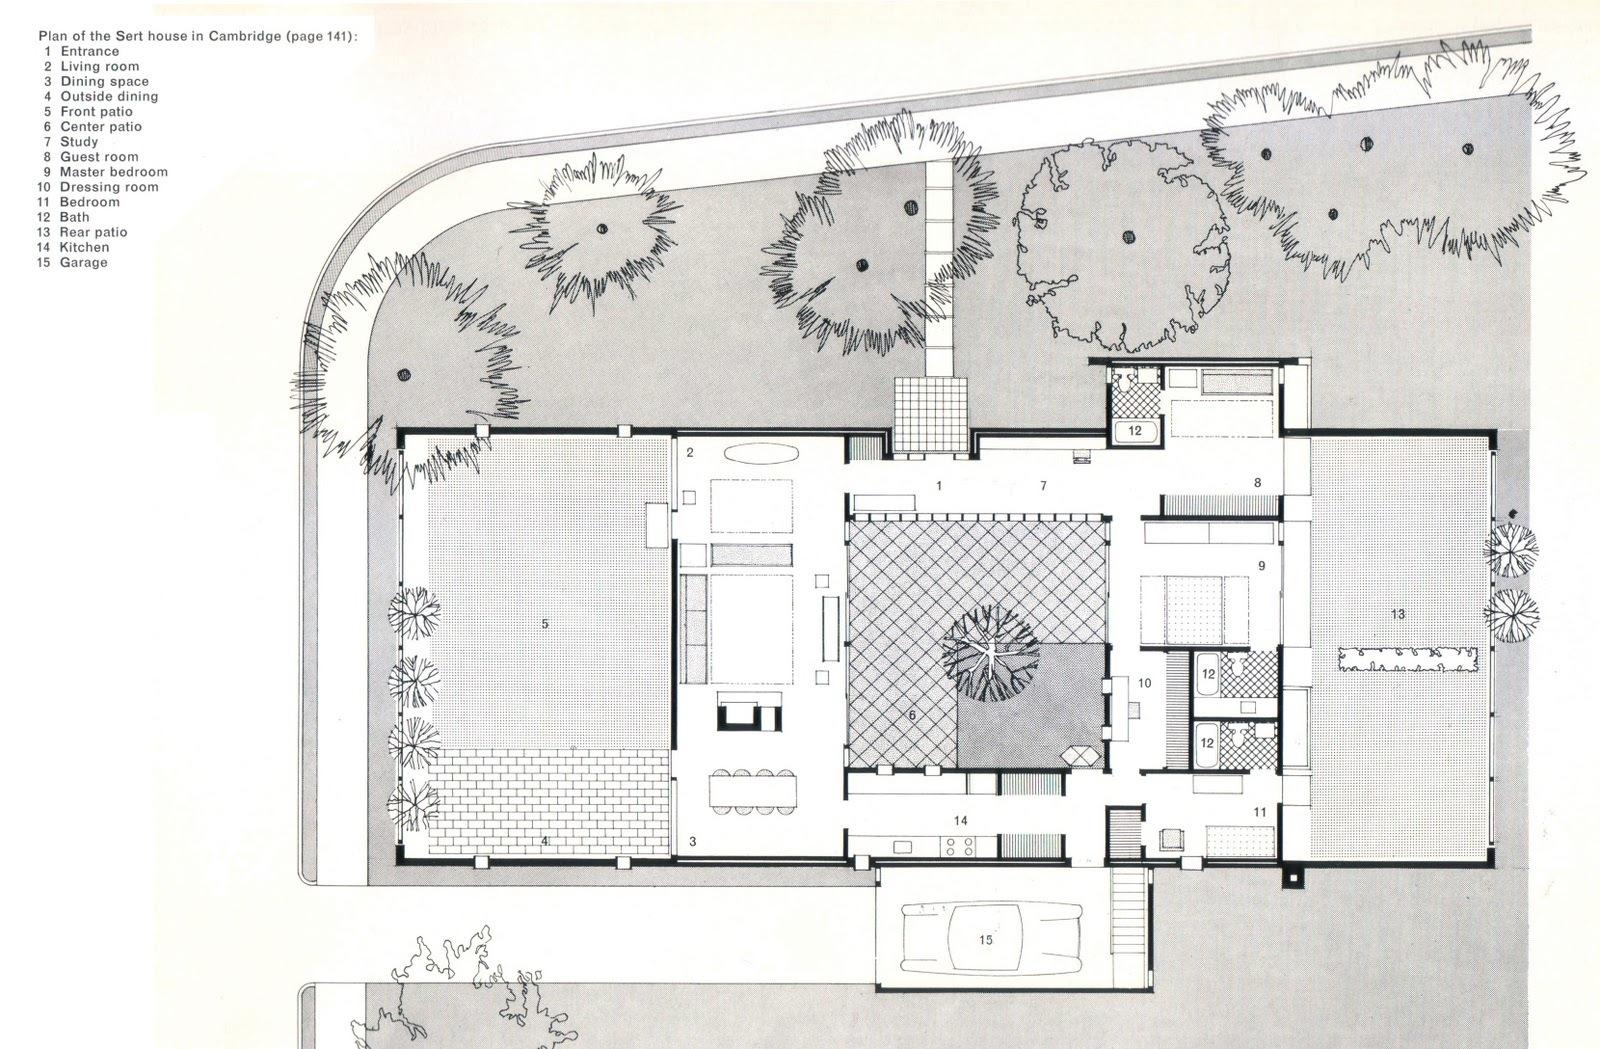 Casa sert circarq for Planos de casas con patio interior